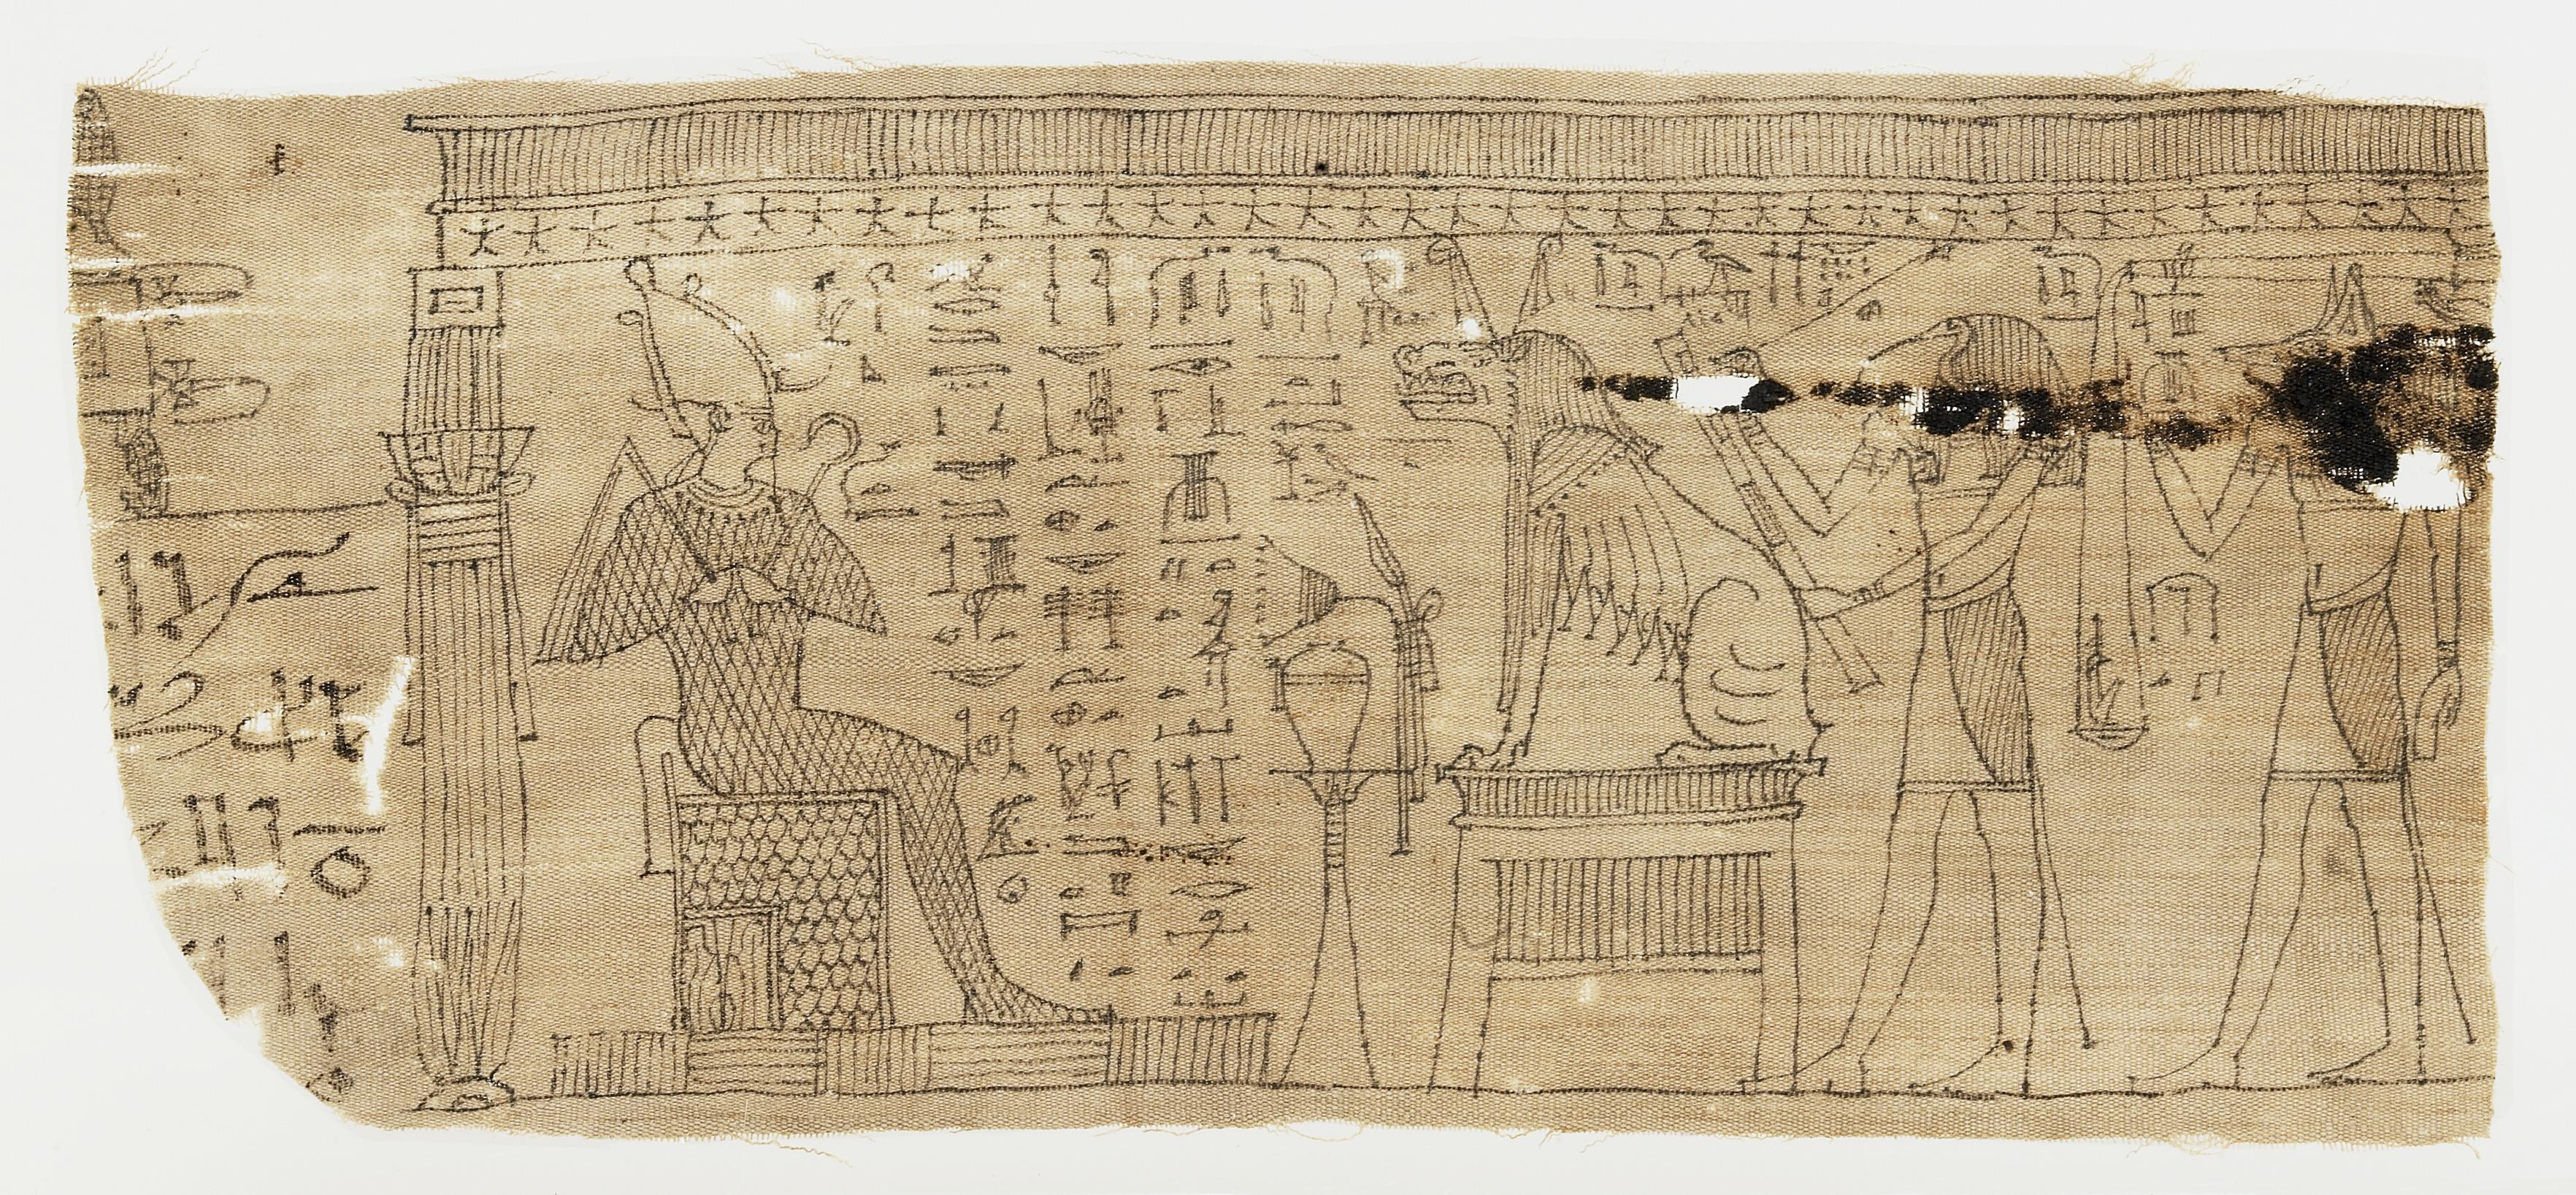 Fragmenten van het Dodenboek op mummiewindel